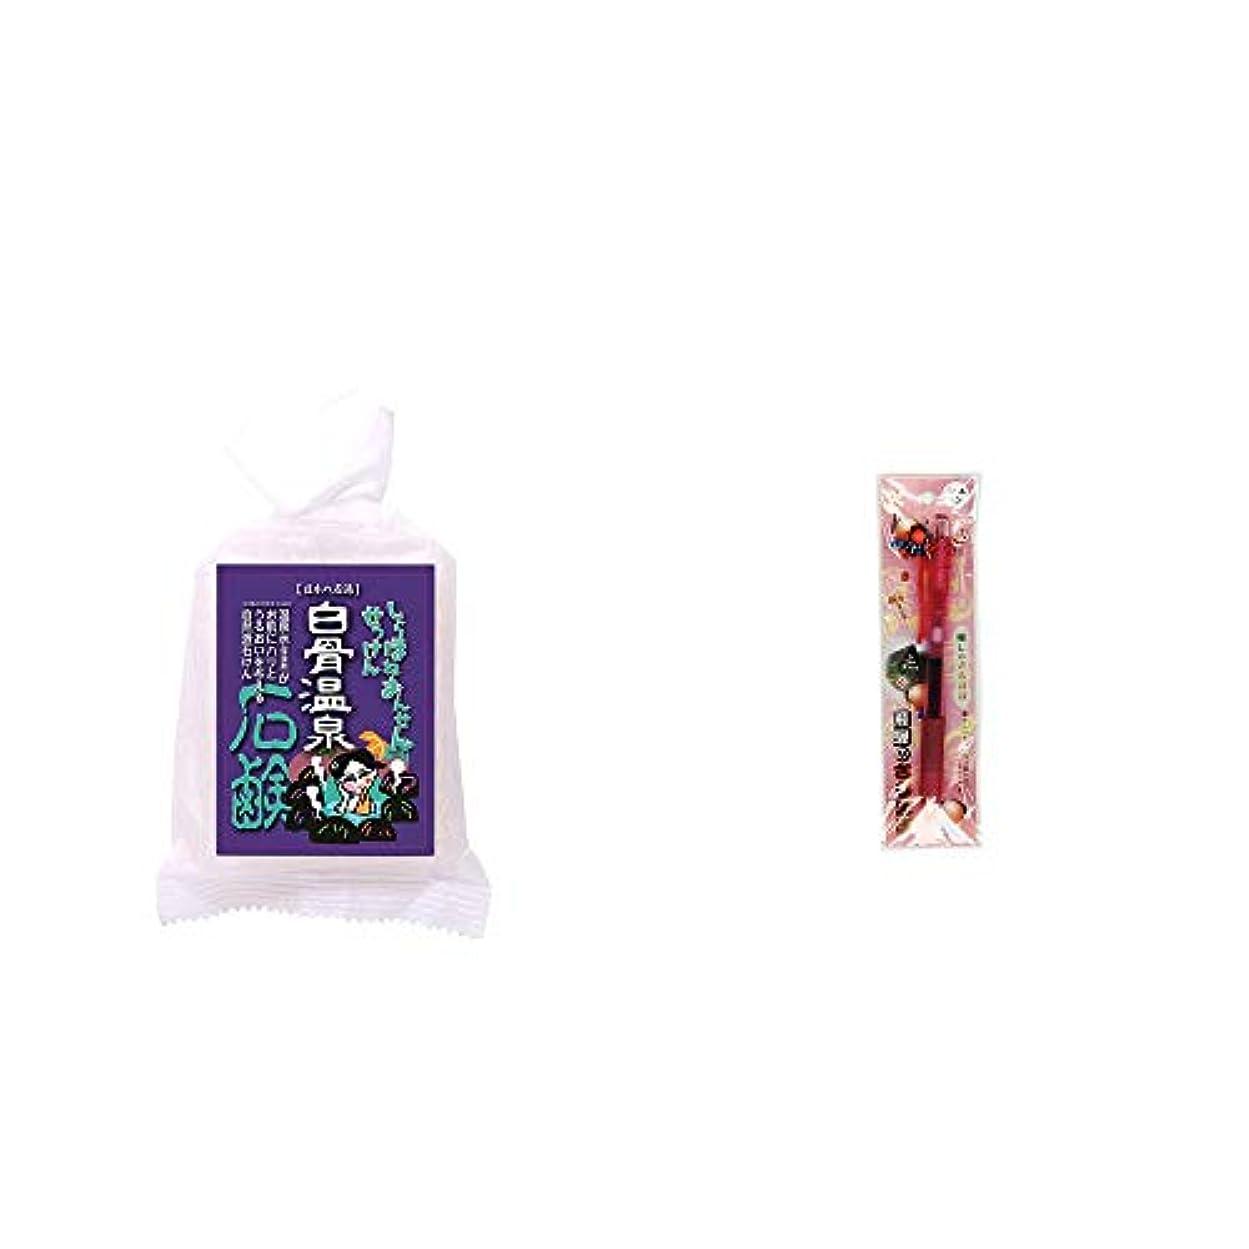 ページ多様性延期する[2点セット] 信州 白骨温泉石鹸(80g)?さるぼぼ 癒しボールペン 【ピンク】